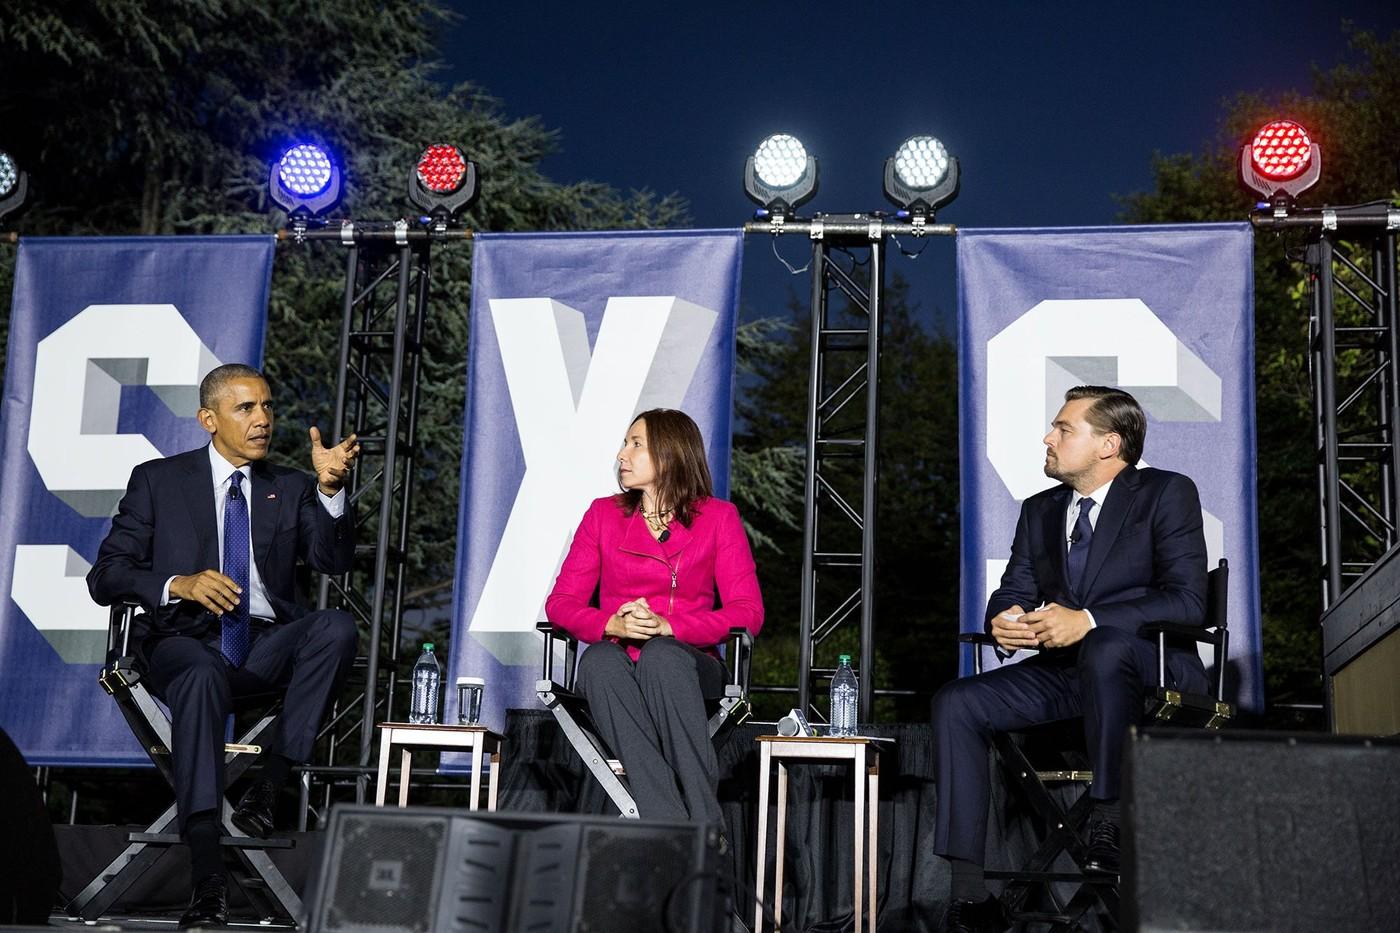 歐巴馬舉辦首場白宮音樂節SXSL,李奧納多狄卡皮歐、Slack執行長皆出席